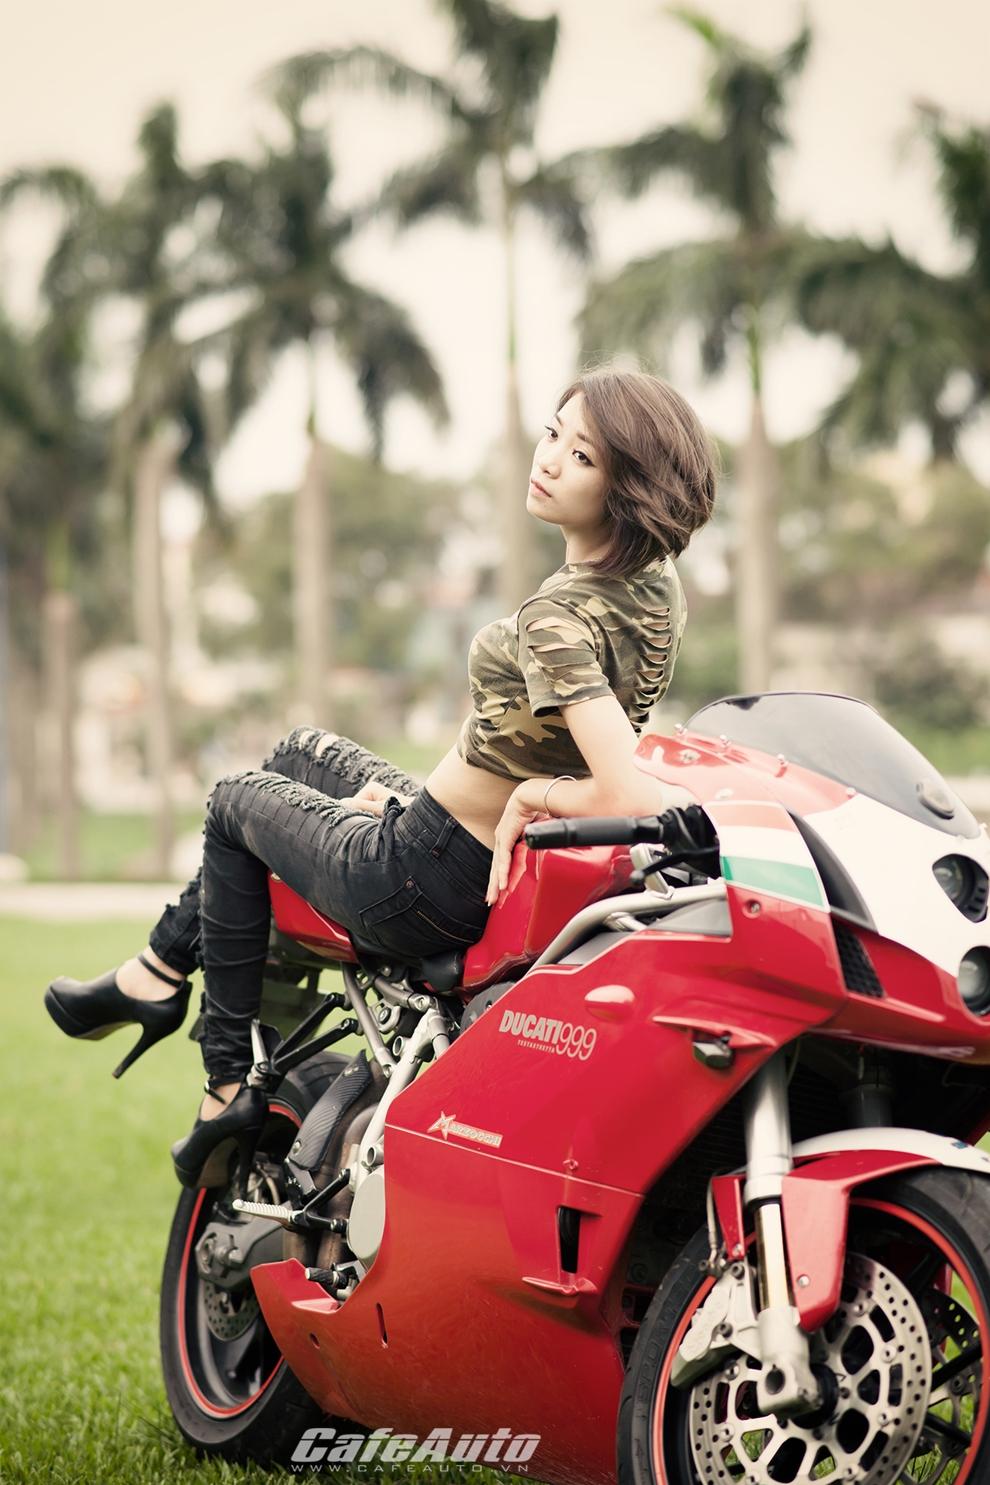 Anh Thieu nu xinh dep ben sieu moto Ducati 999 vang bong mot thoi - 12